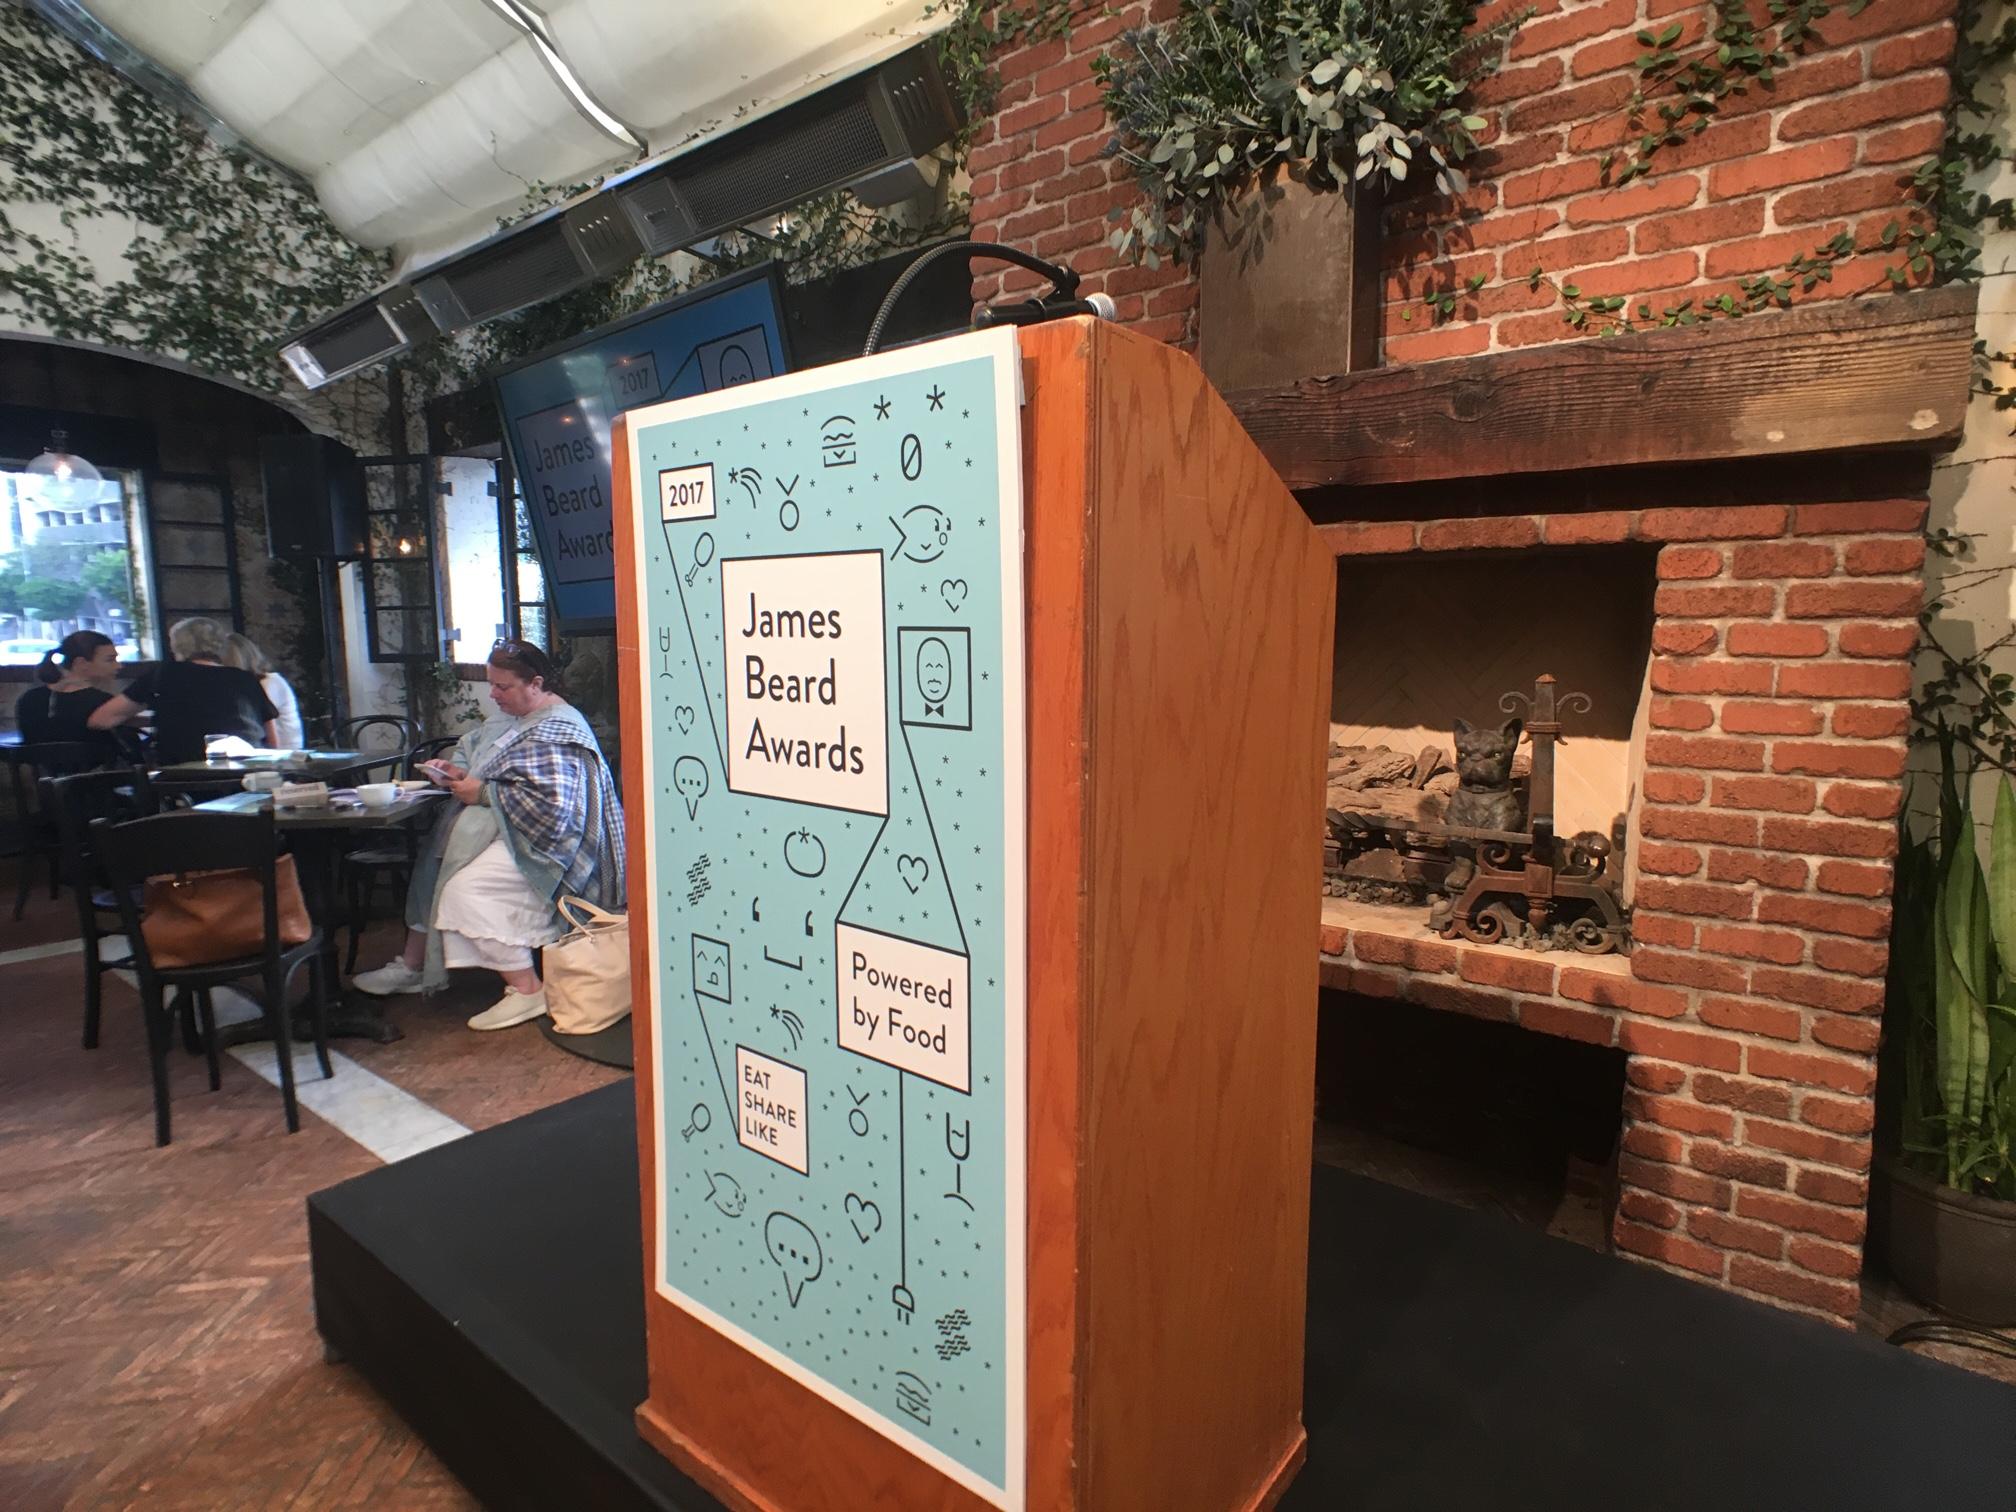 A James Beard Awards podium